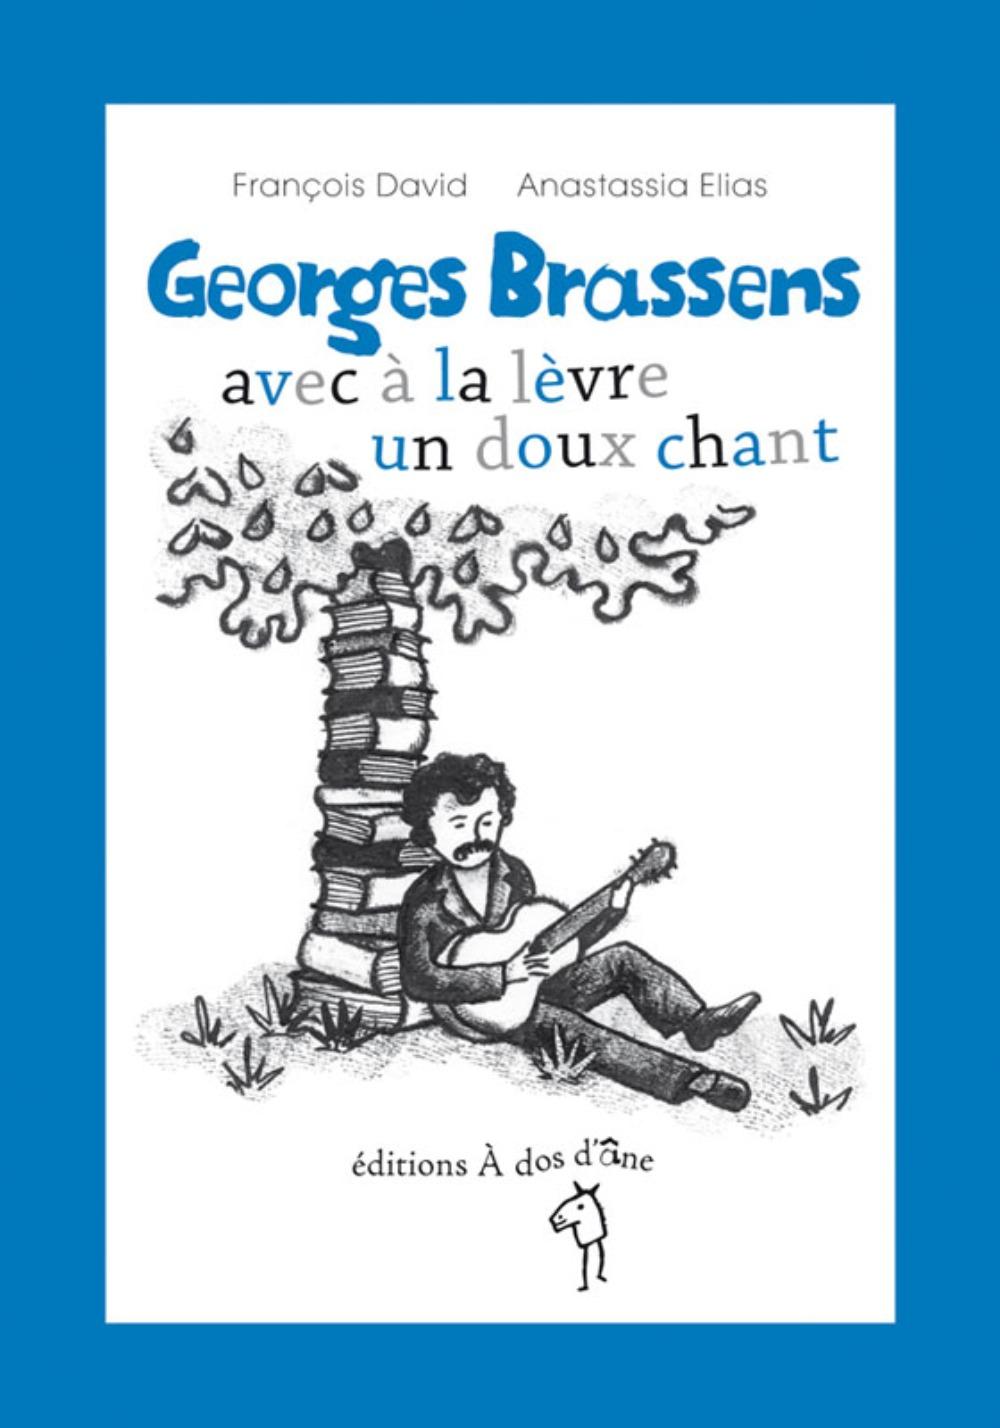 GEORGES BRASSENS AVEC A LA LEVRE UN DOUX